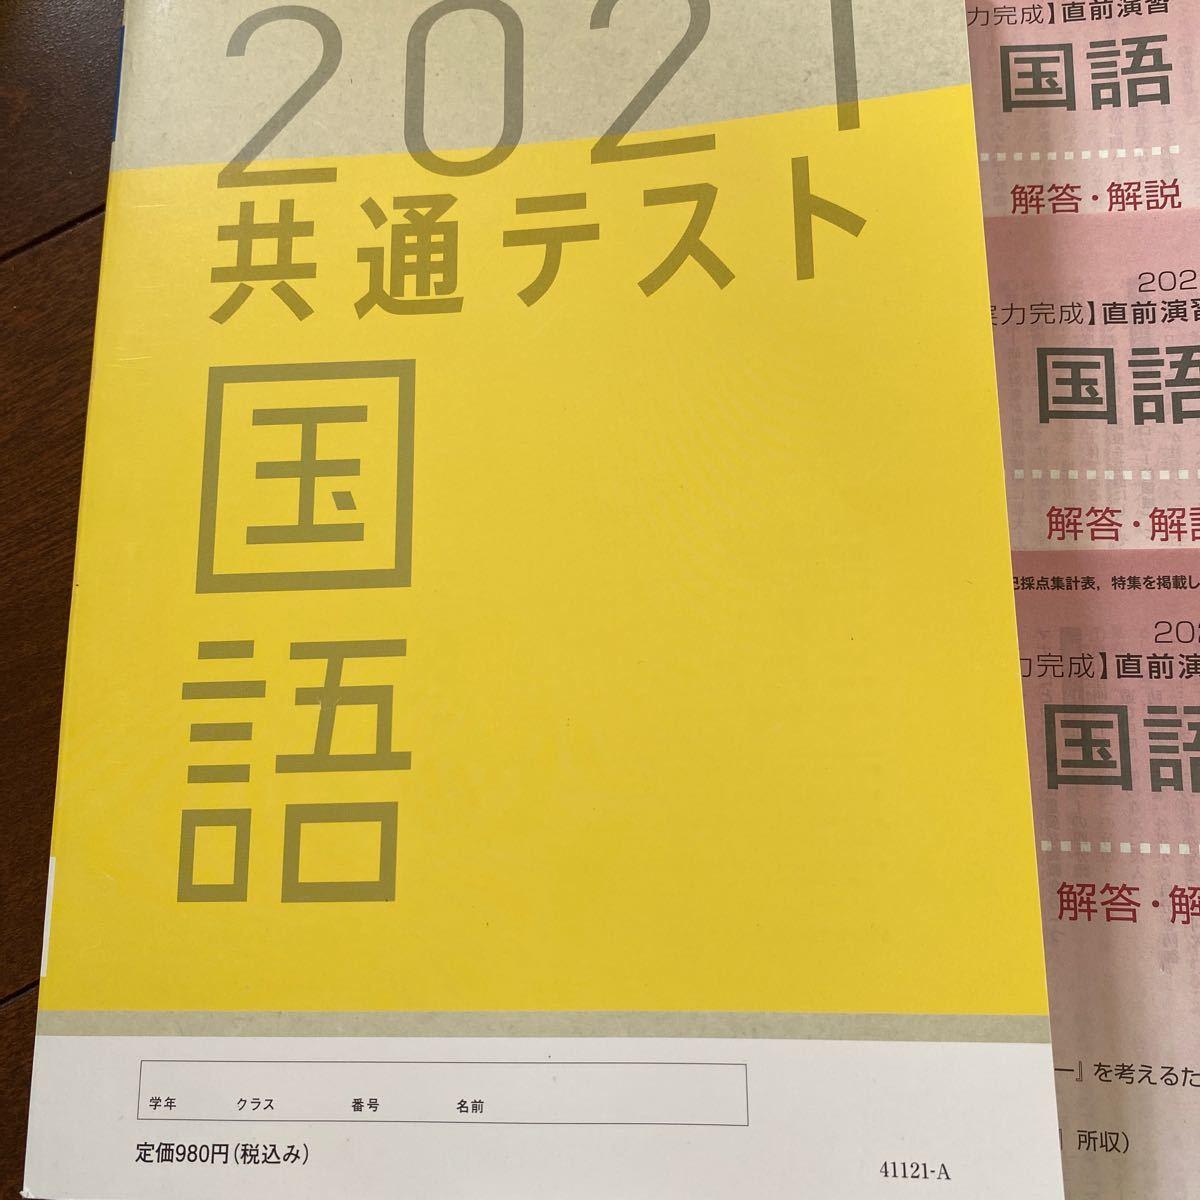 2021 共通テスト 国語 7回分 実力完成 直前演習 ベネッセ